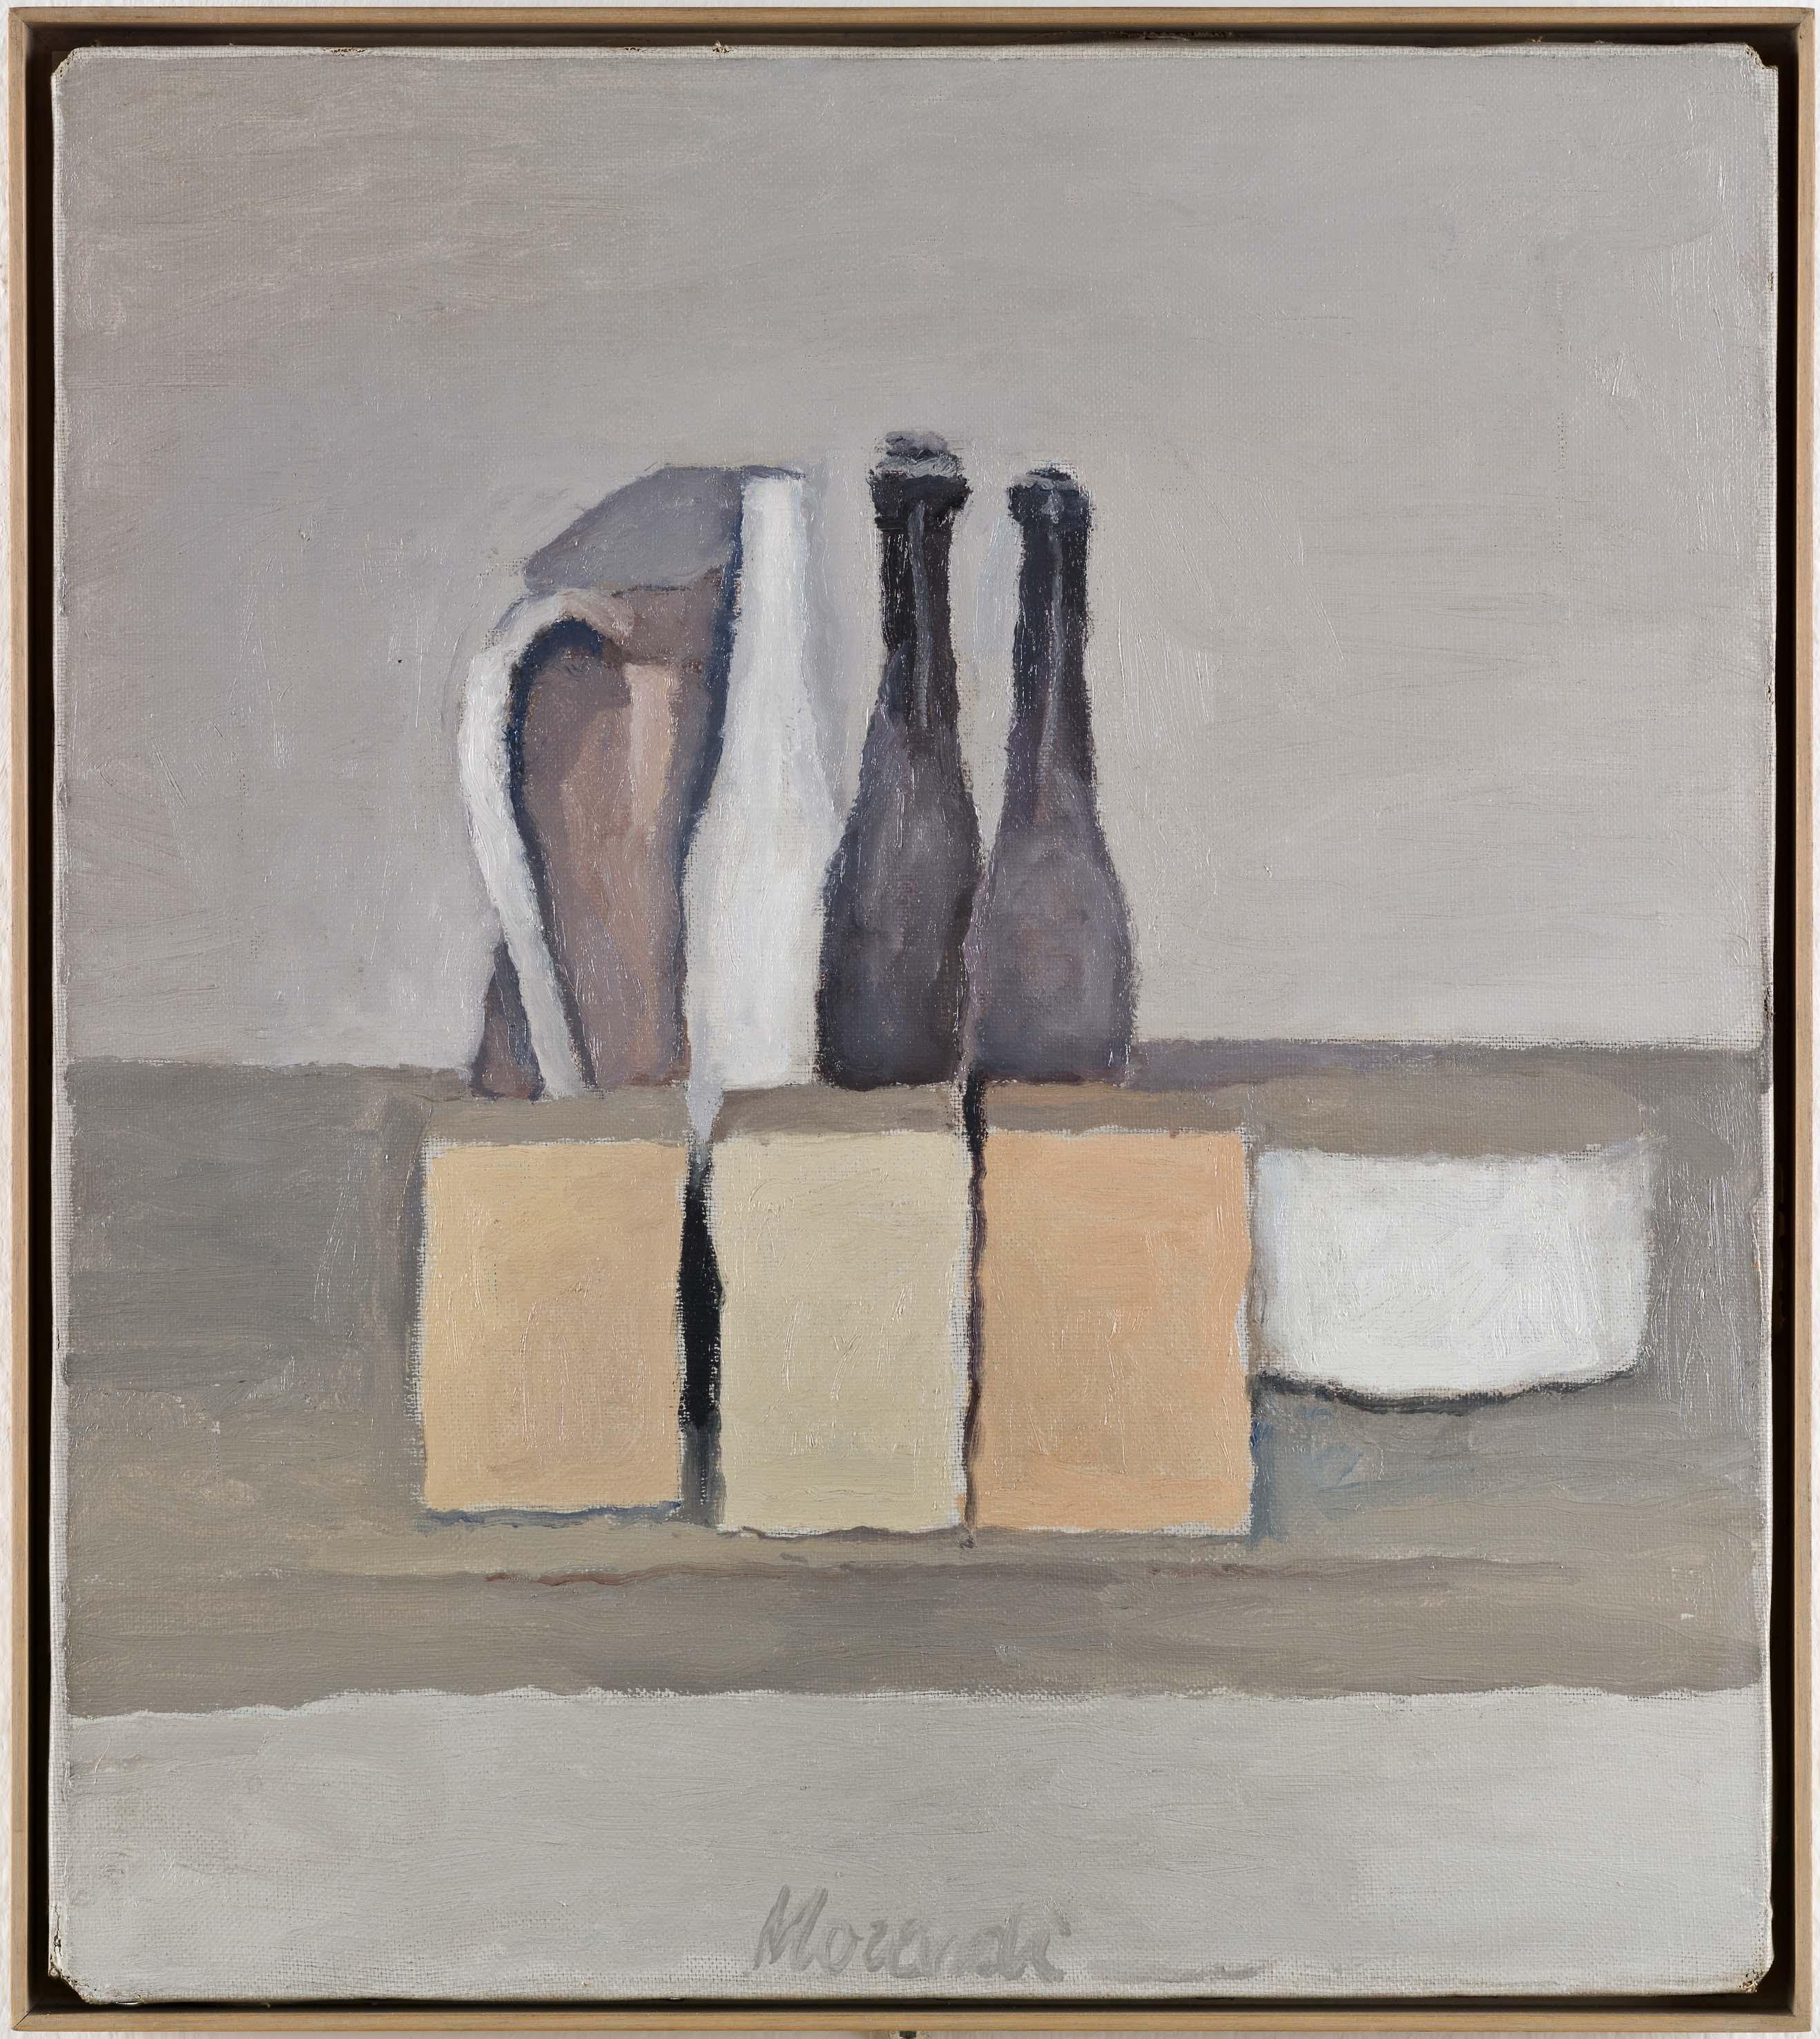 Giorgio Morandi, Natura morta, 1956, olio su tela, 40,5 x 35,4 cm, Mart, Museo di arte moderna e contemporanea di Trento e Rovereto, Collezione Augusto e Francesca Giovanardi